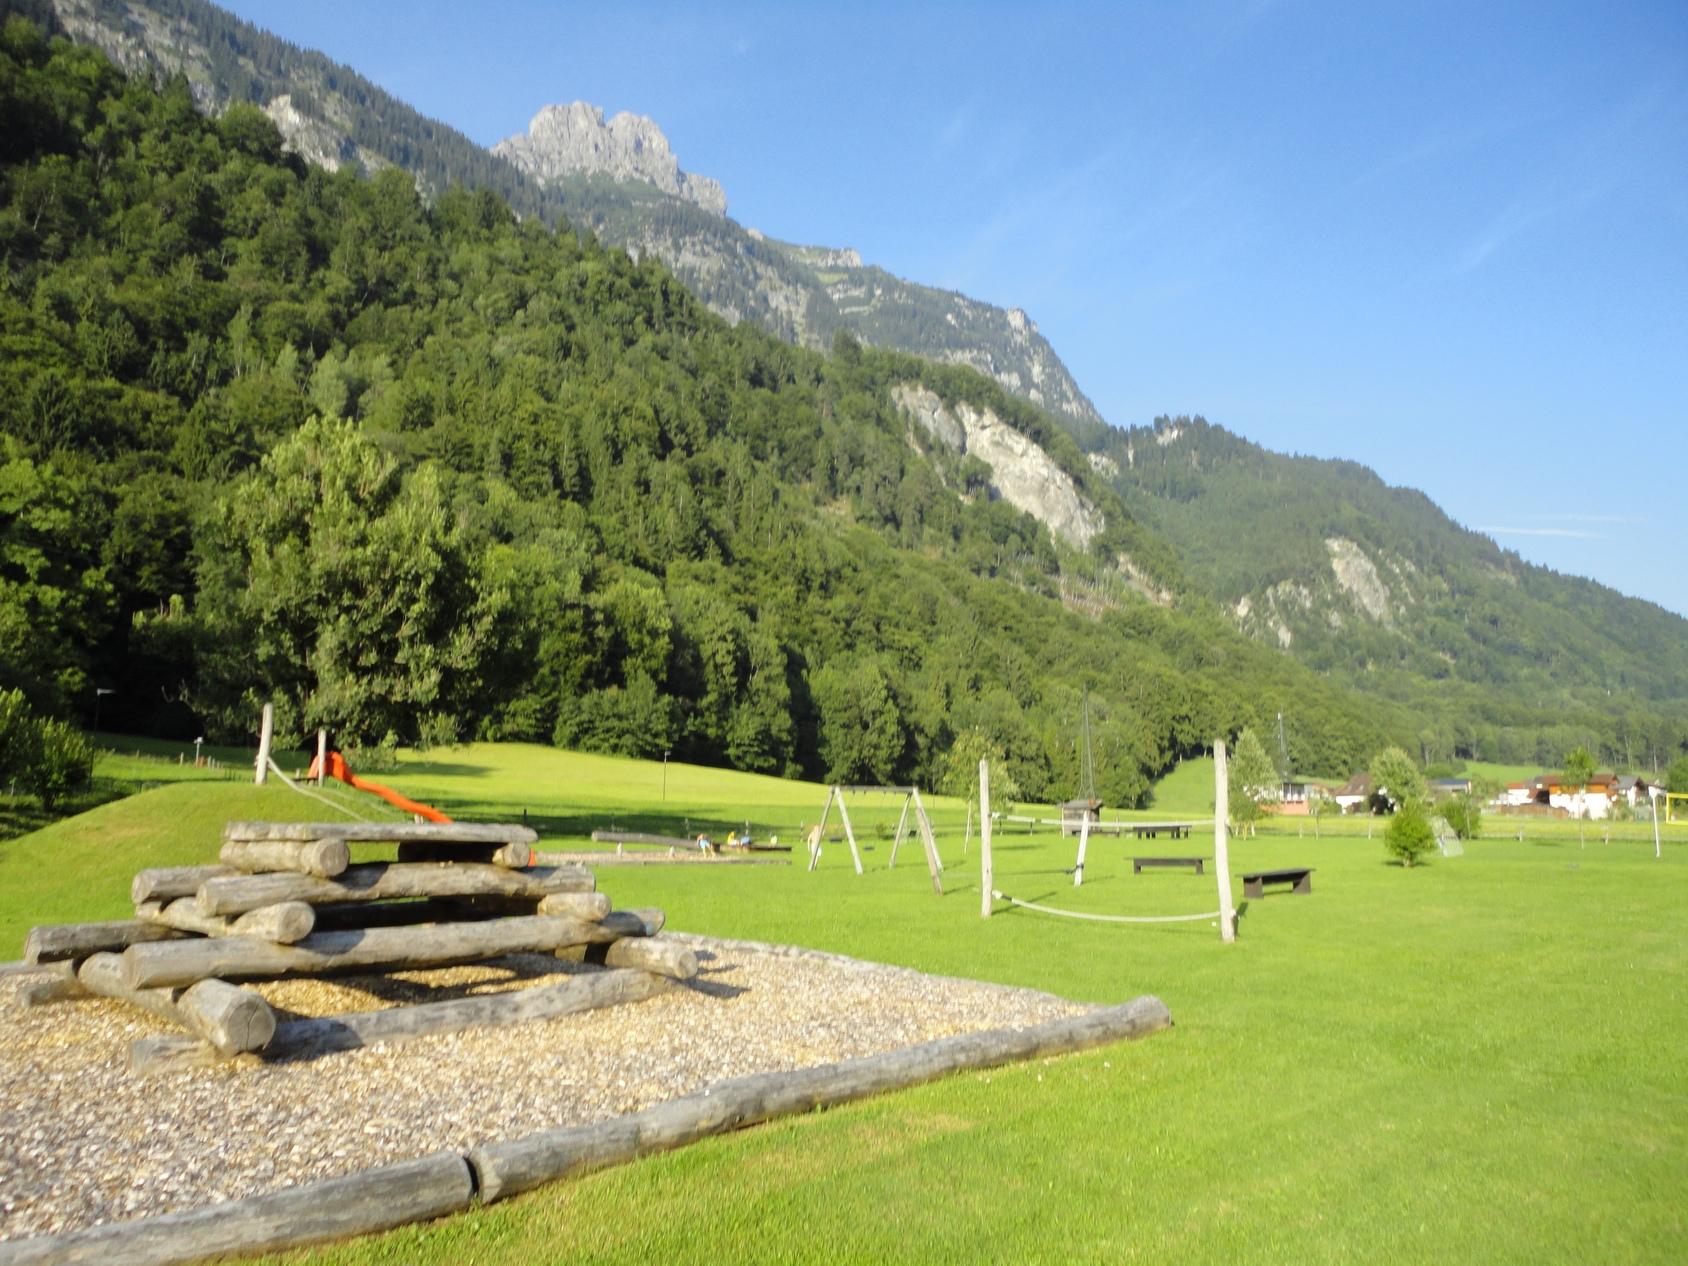 Oostenrijk-Innerbraz-Walchs%20Camping-ExtraLarge Wintersport Oostenrijk